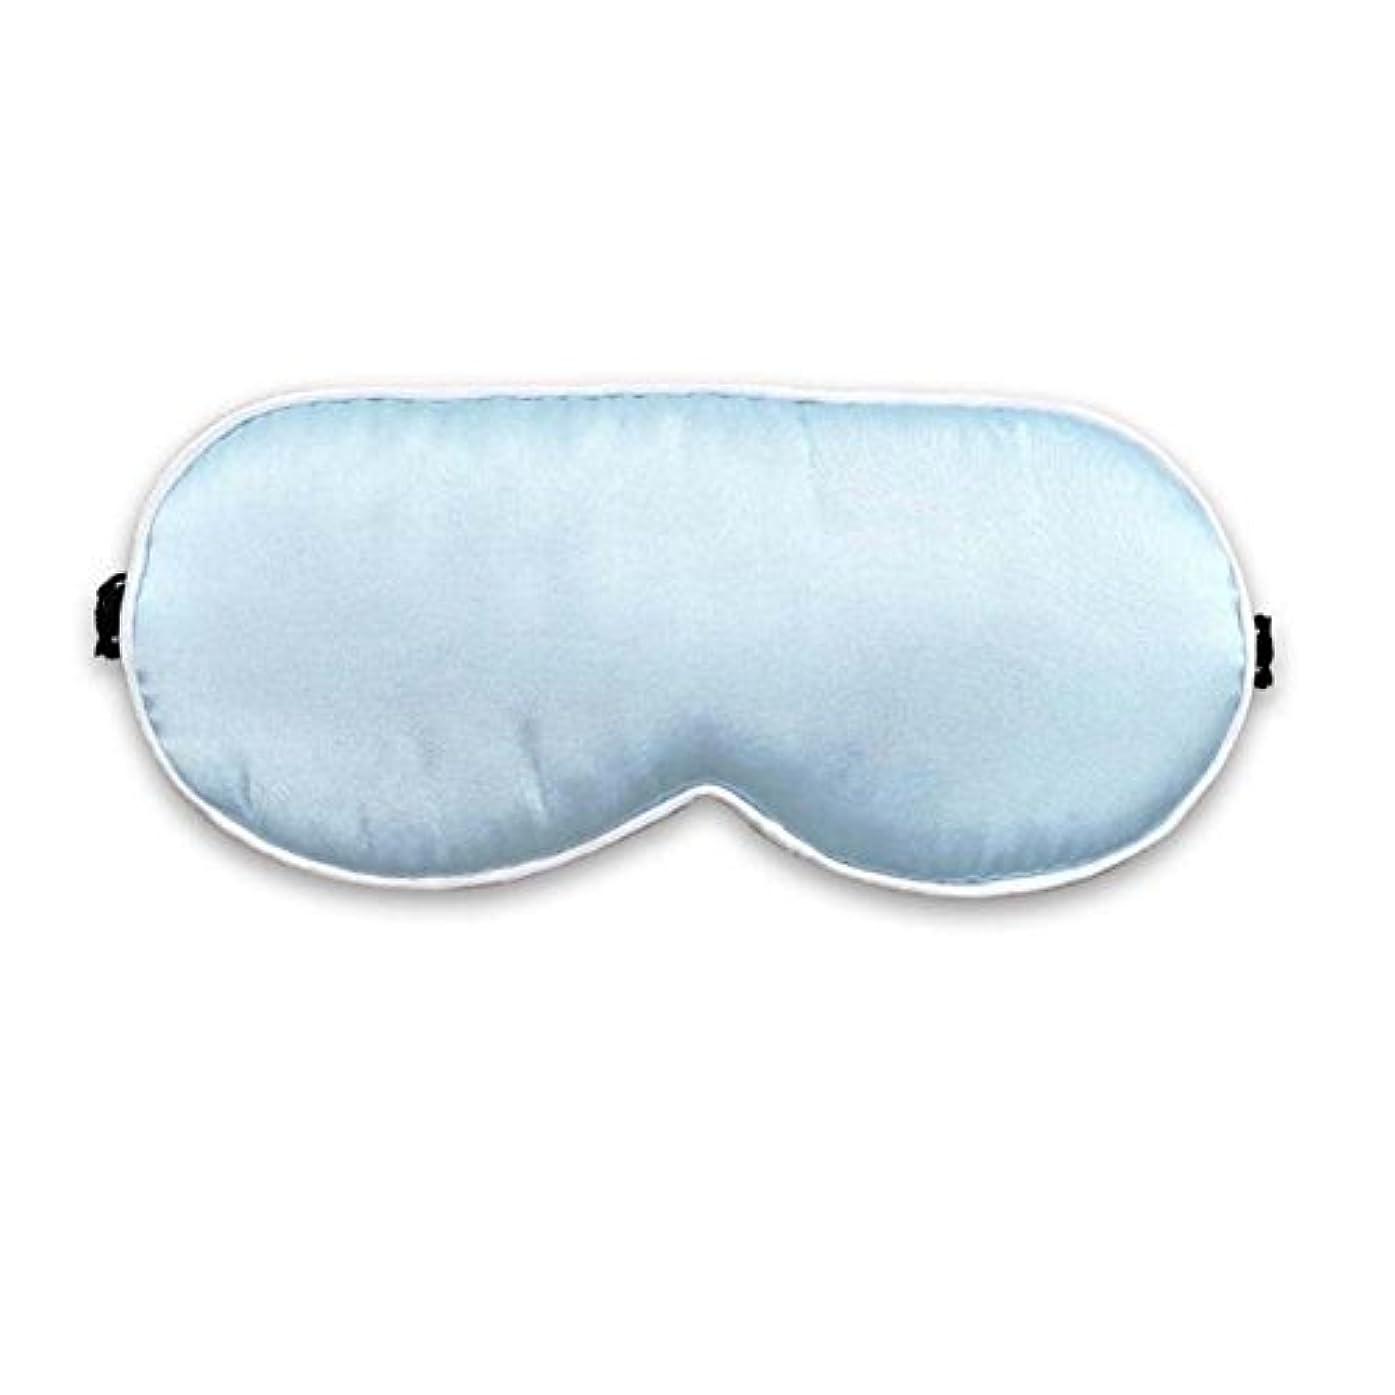 ゼロ致命的な注入するライトブルーソフトシルクスリープアイマスクカバー